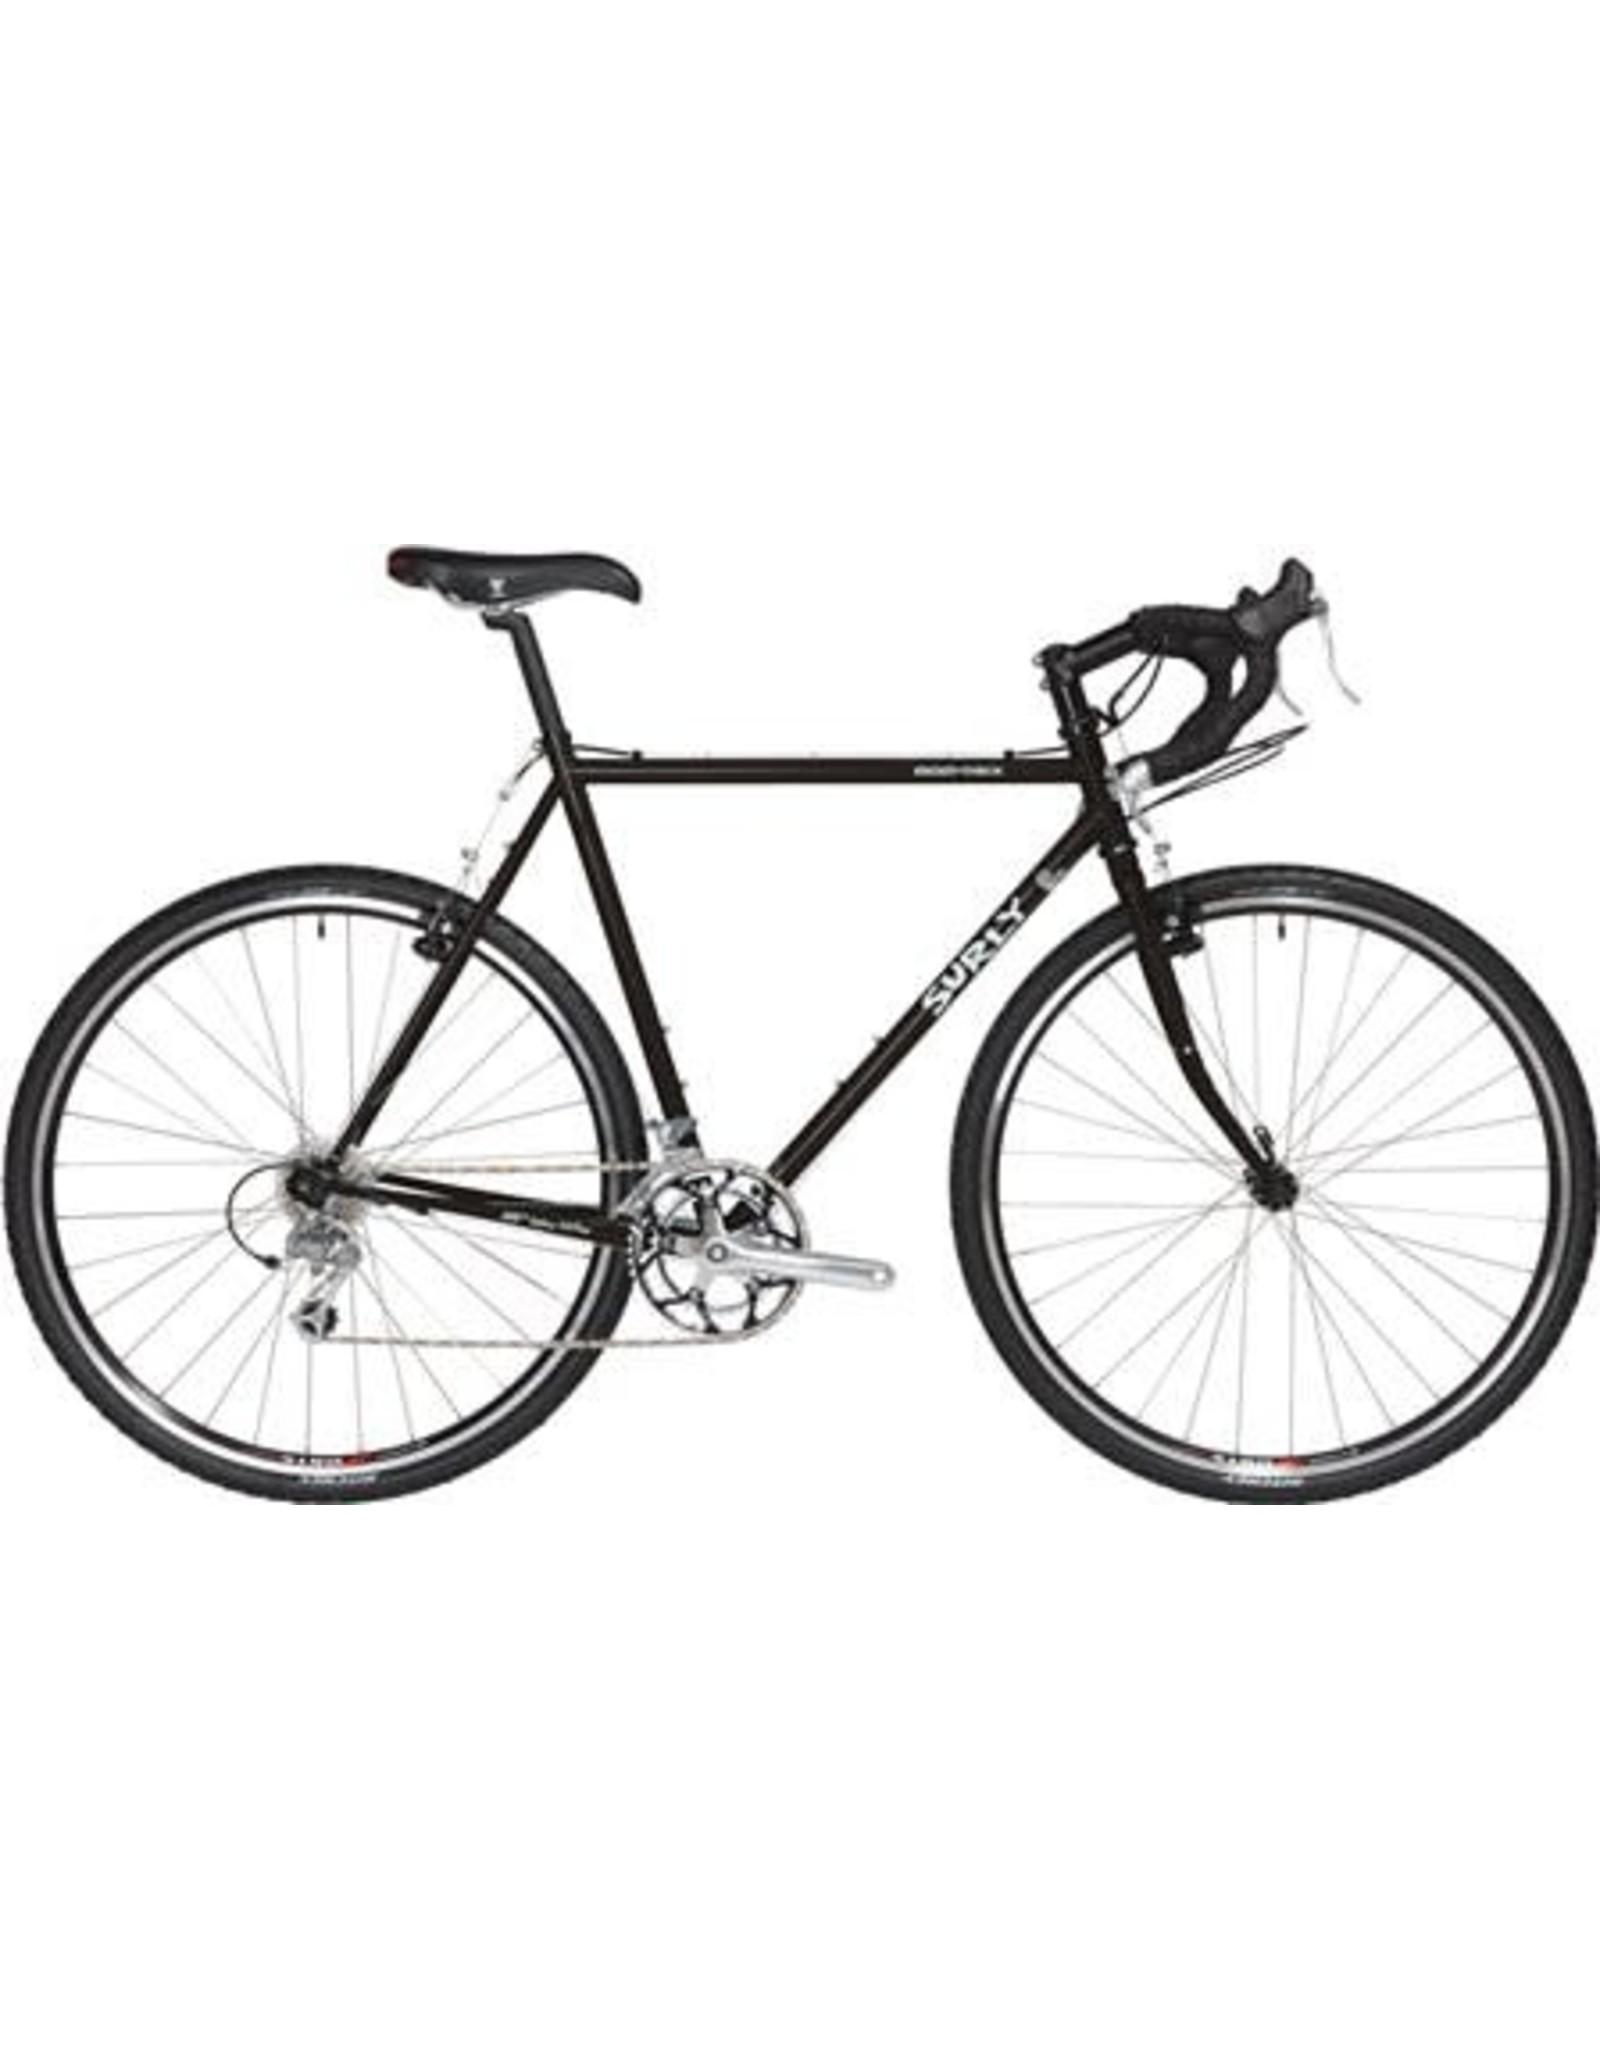 Surly Surly Crosscheck- Black - 58cm